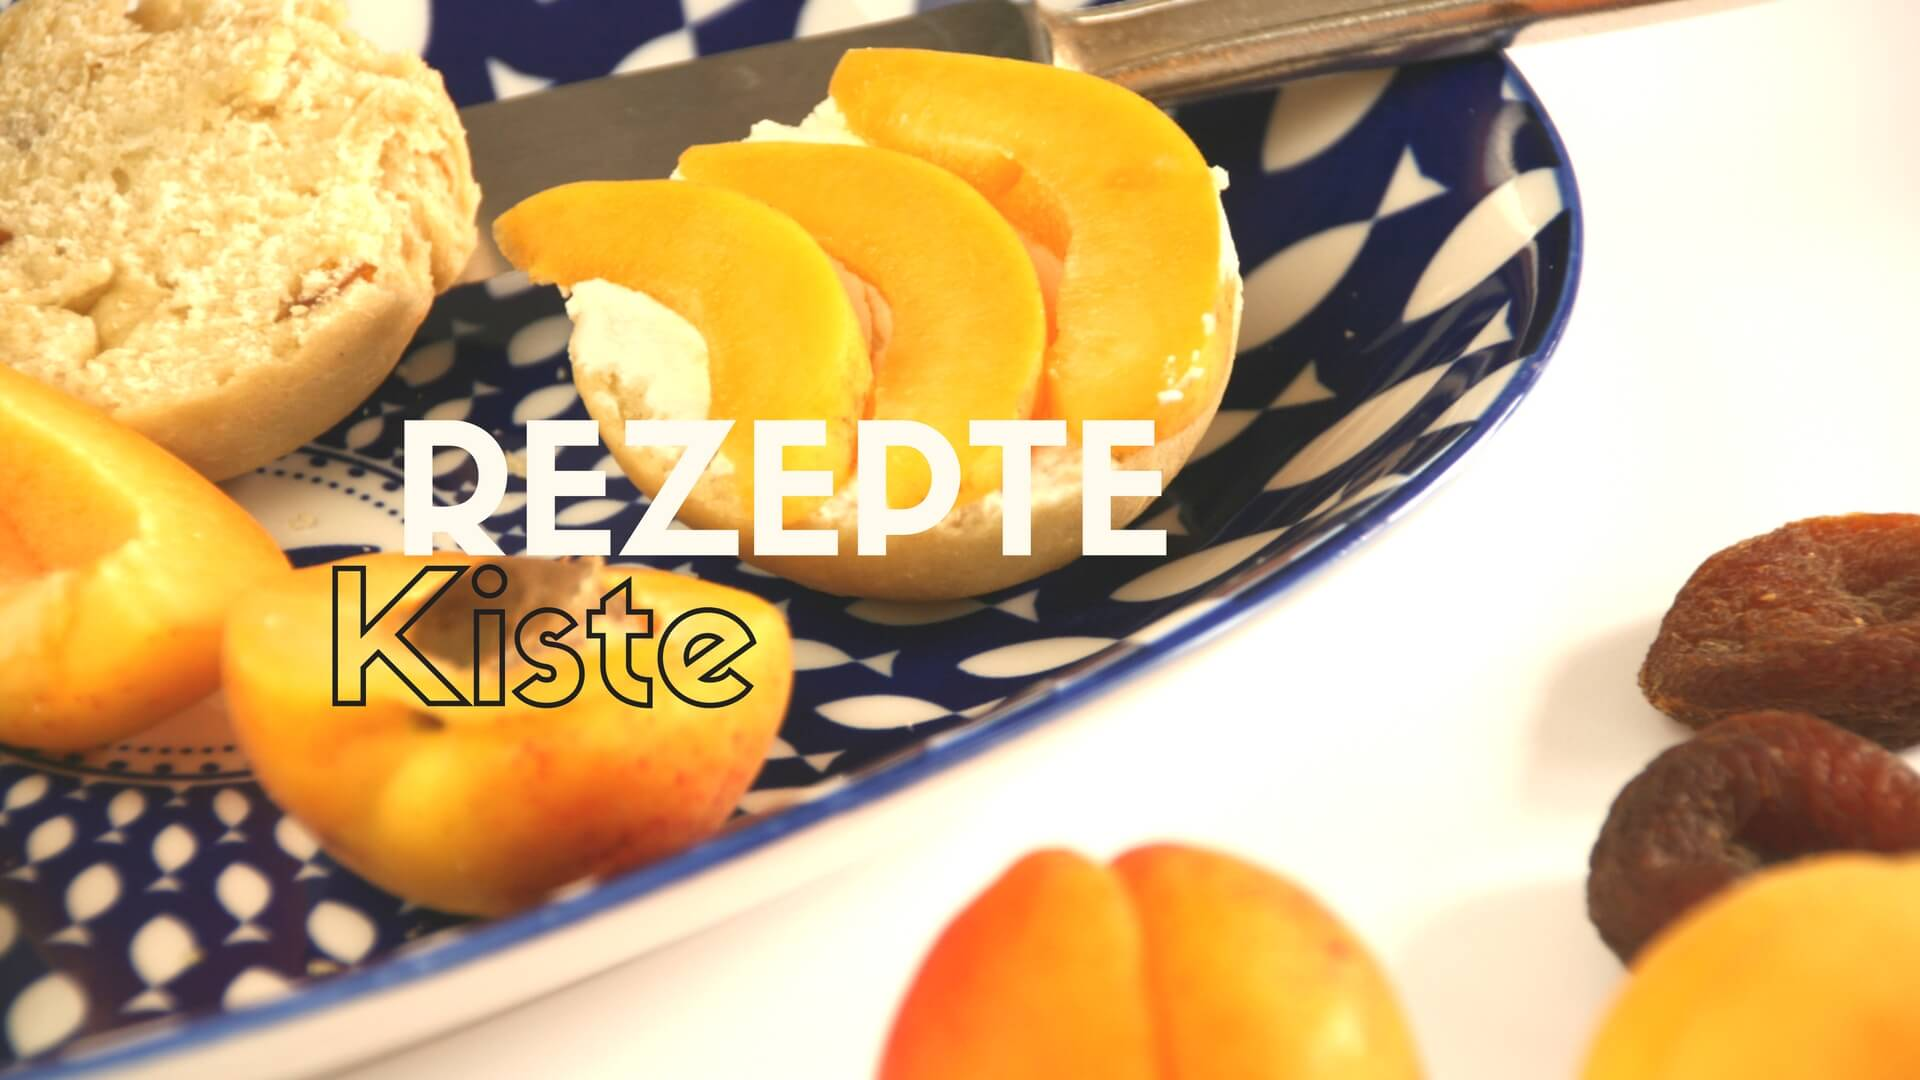 Aprikosenbrötchen